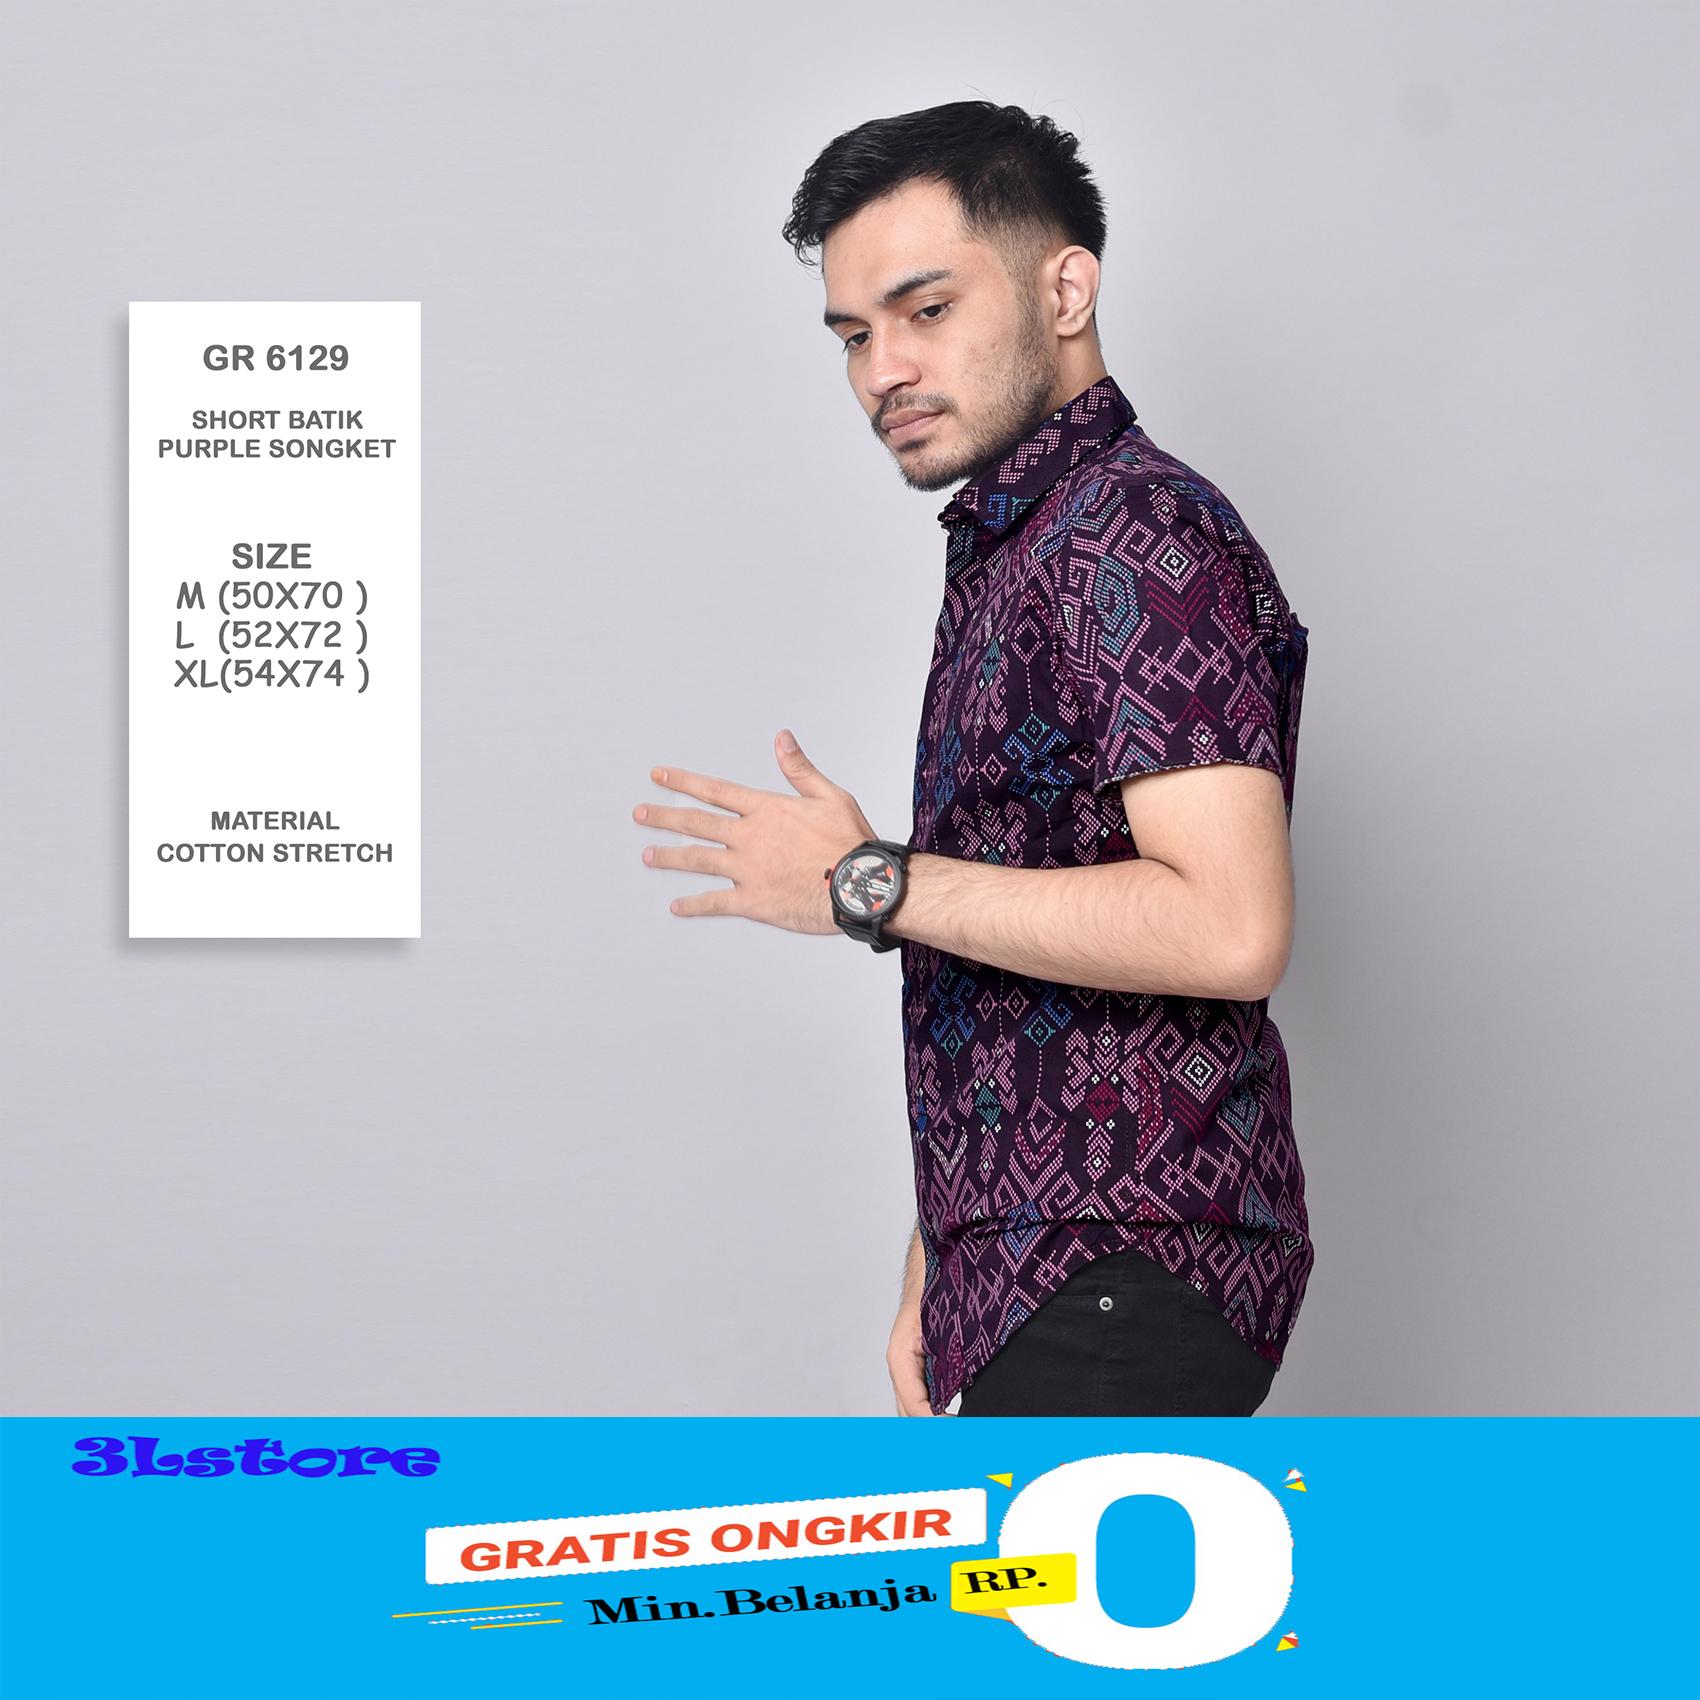 kemeja batik pria lengan pendek exclusive kemeja batik cowok kerja kantor kemeja batik formal kemeja batik kemeja printing kemeja cowo kemja import 3lstore 1130